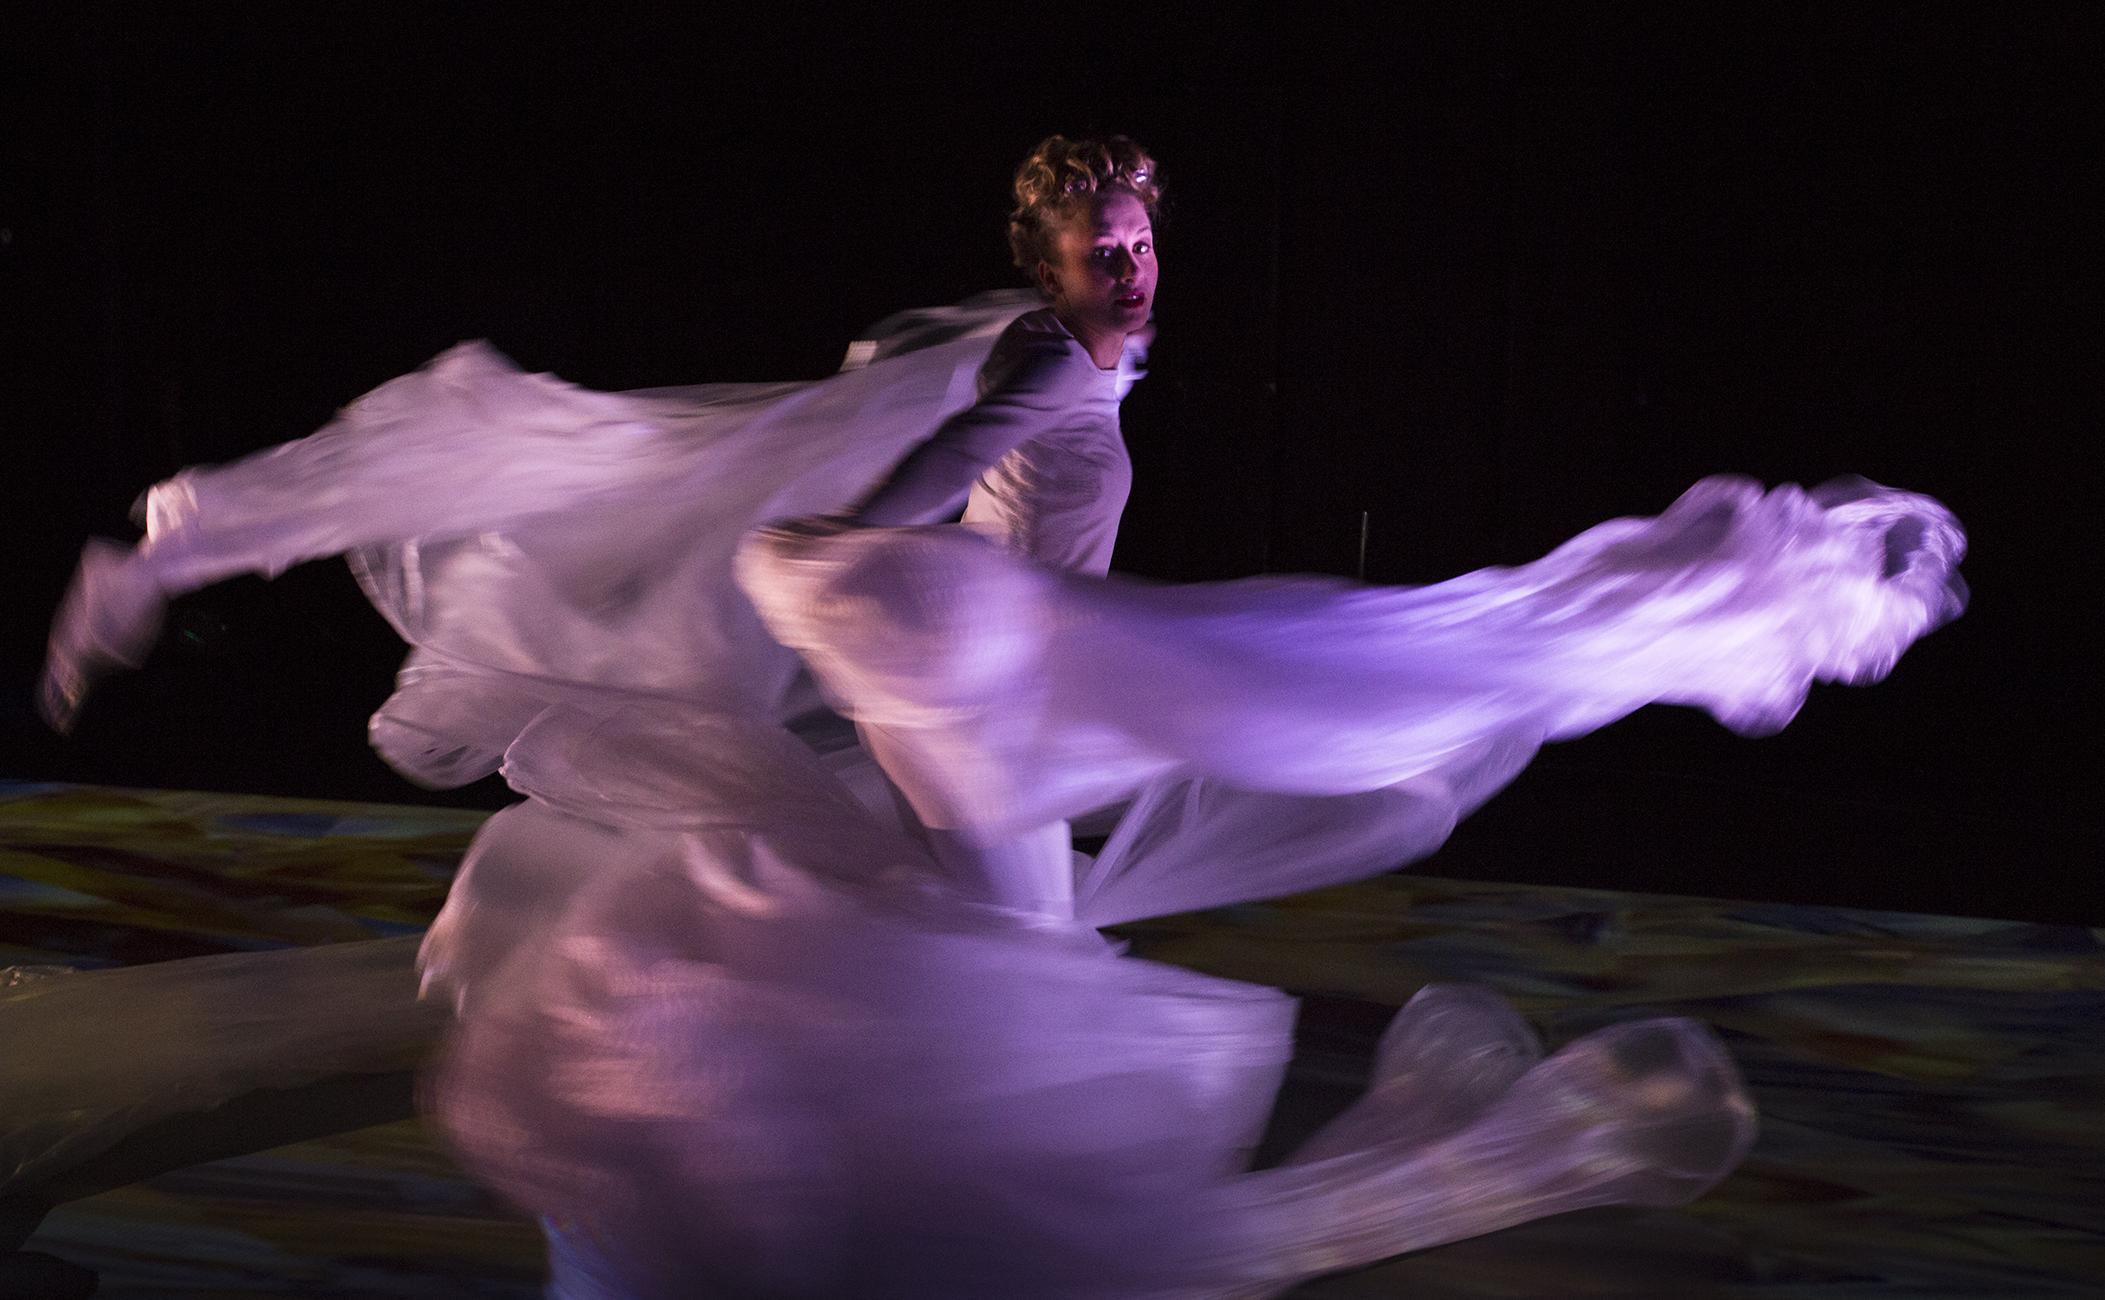 Sisäänsukellettava videotanssiteos Flora & Fauna sai ensi-iltansa Tanssiteatteri Hurjaruuthissa huhtikuussa 2017. Kuva: Arja Pettersson